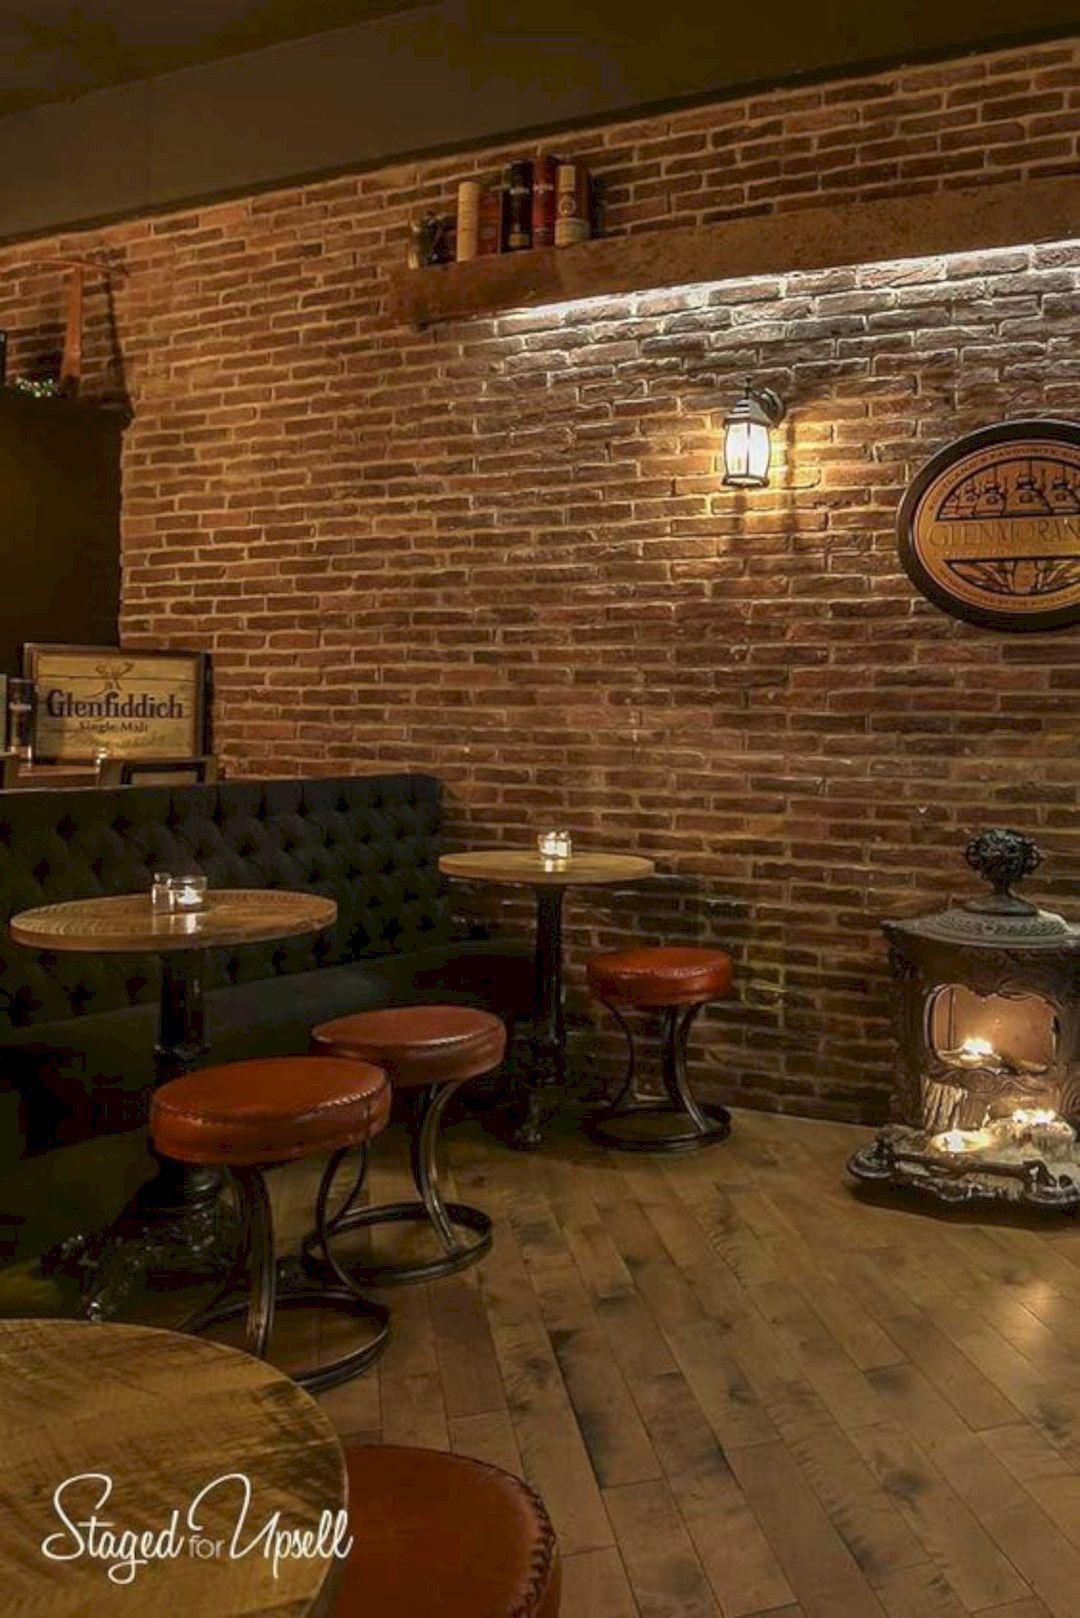 Stunning Pub Interior Design Ideas Pictures - Design Ideas for ...